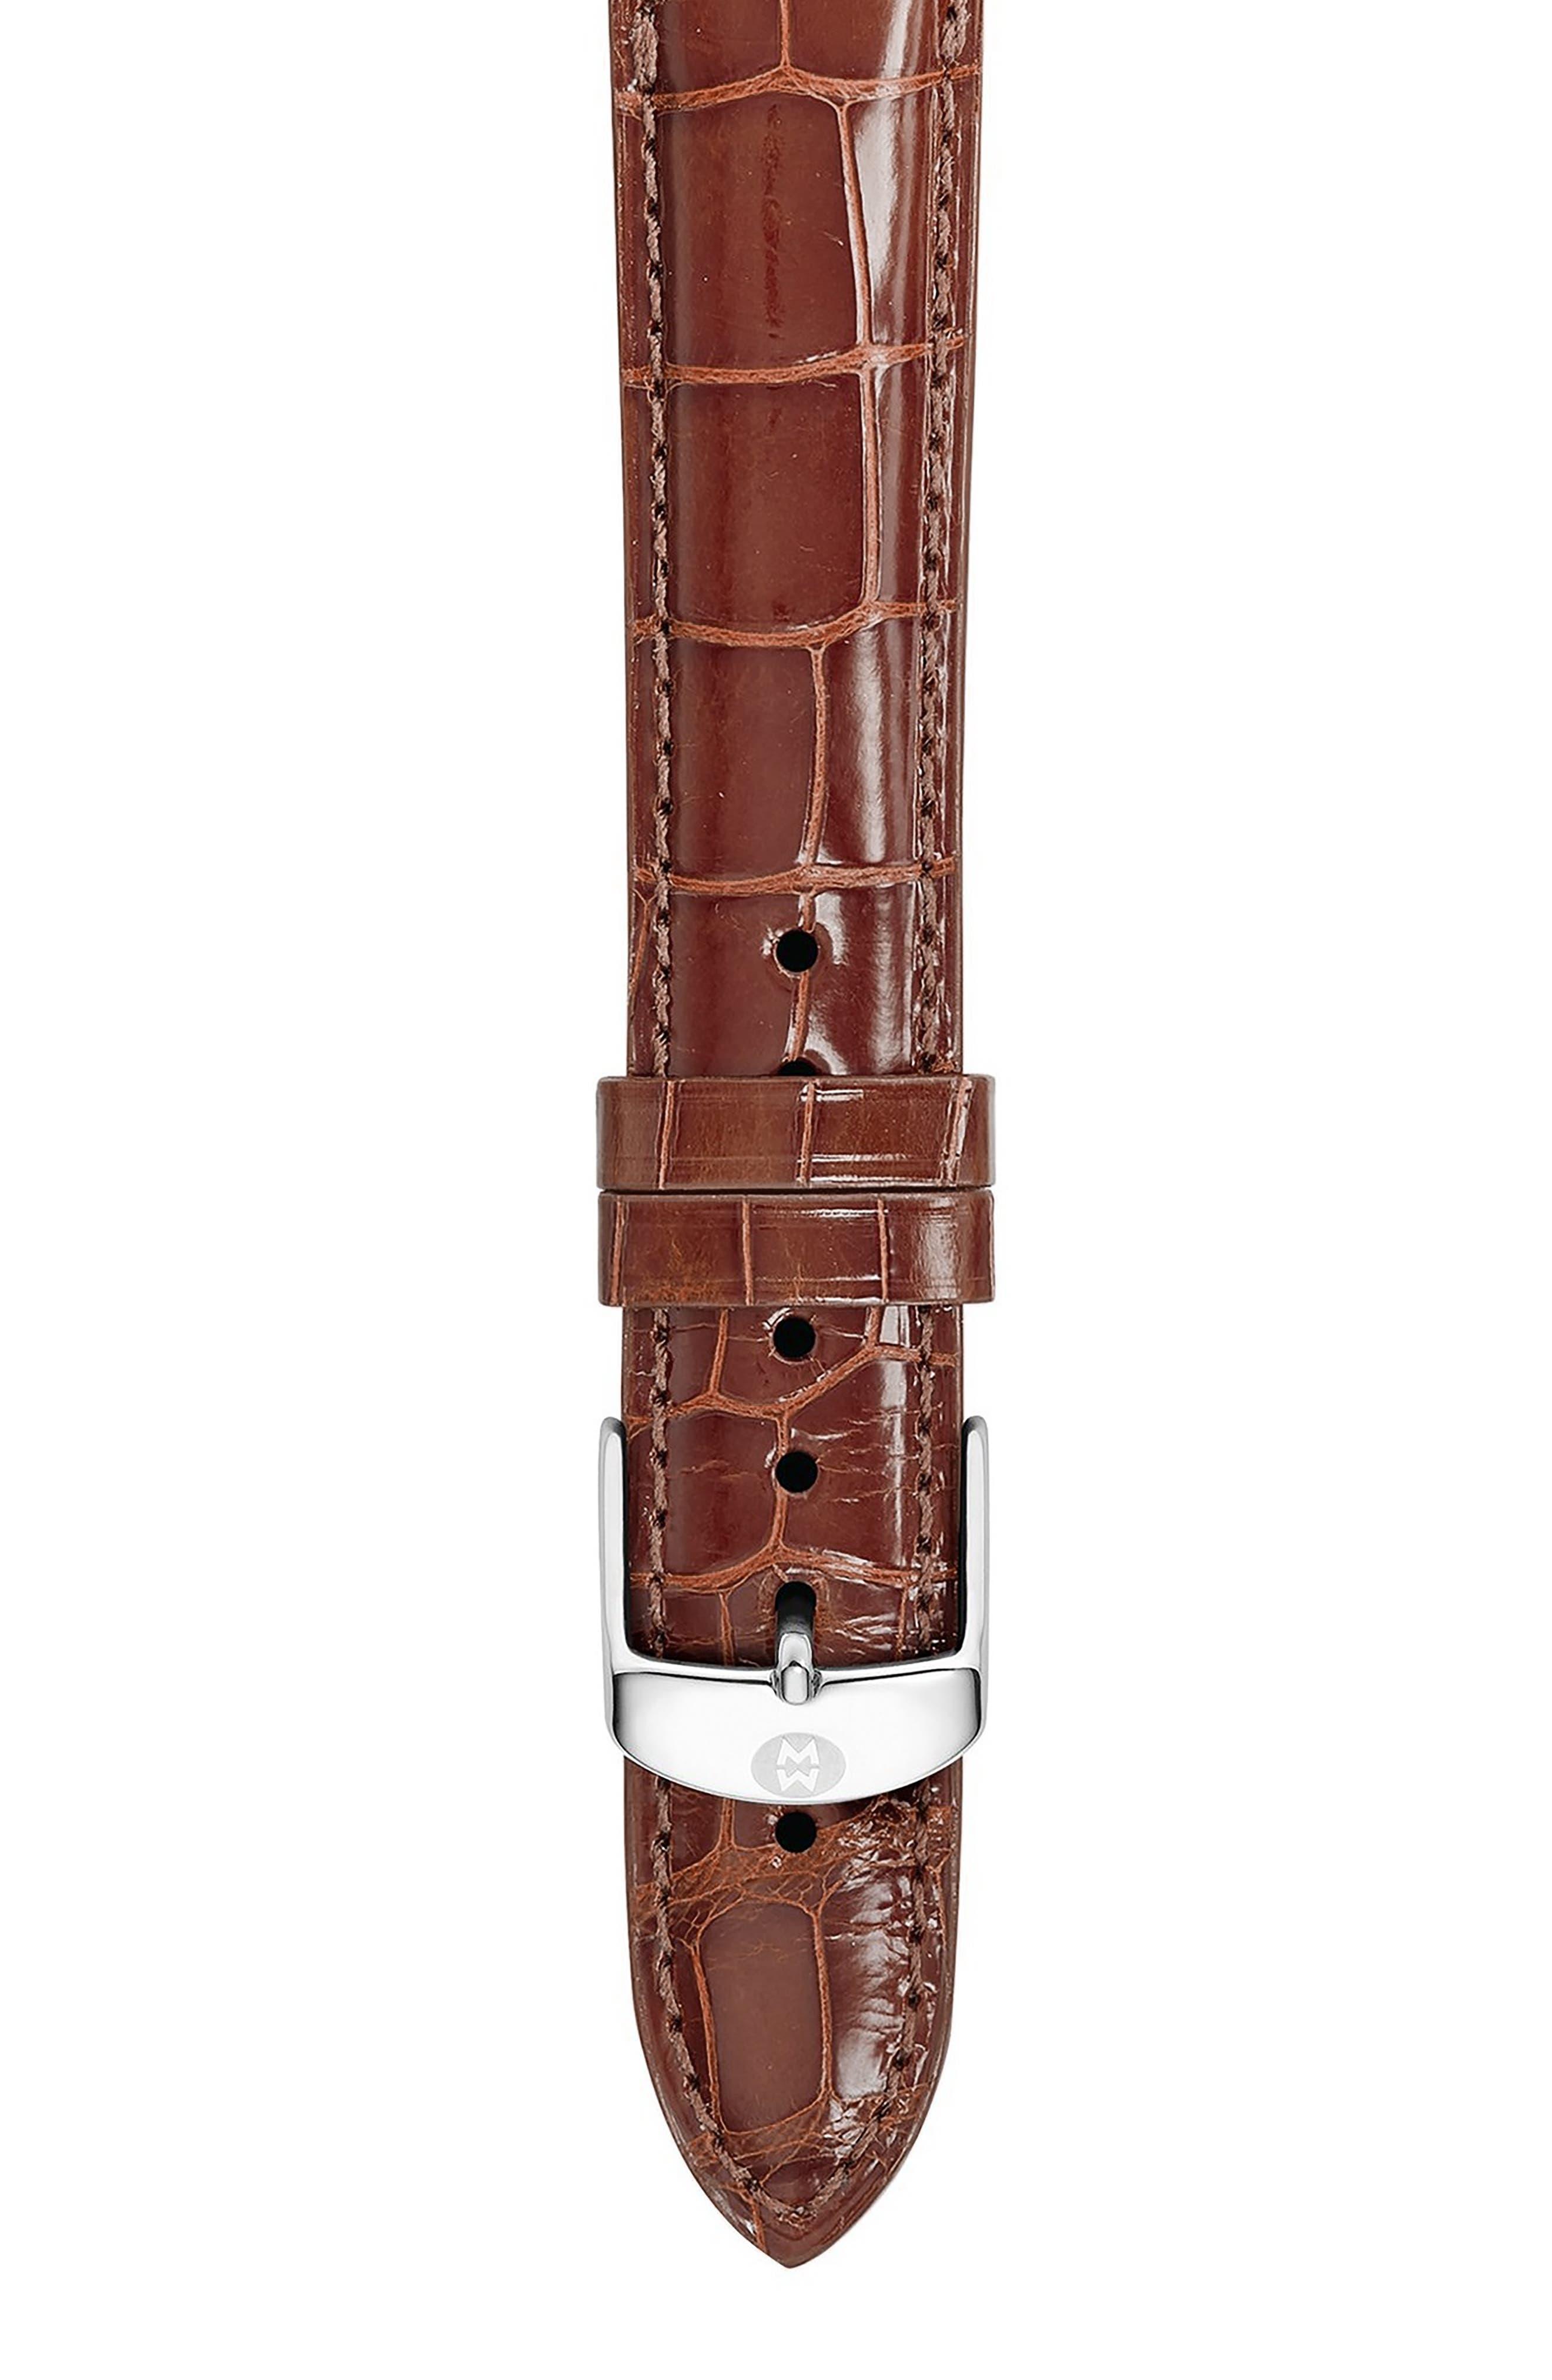 MICHELE 18mm Genuine Alligator Watch Strap